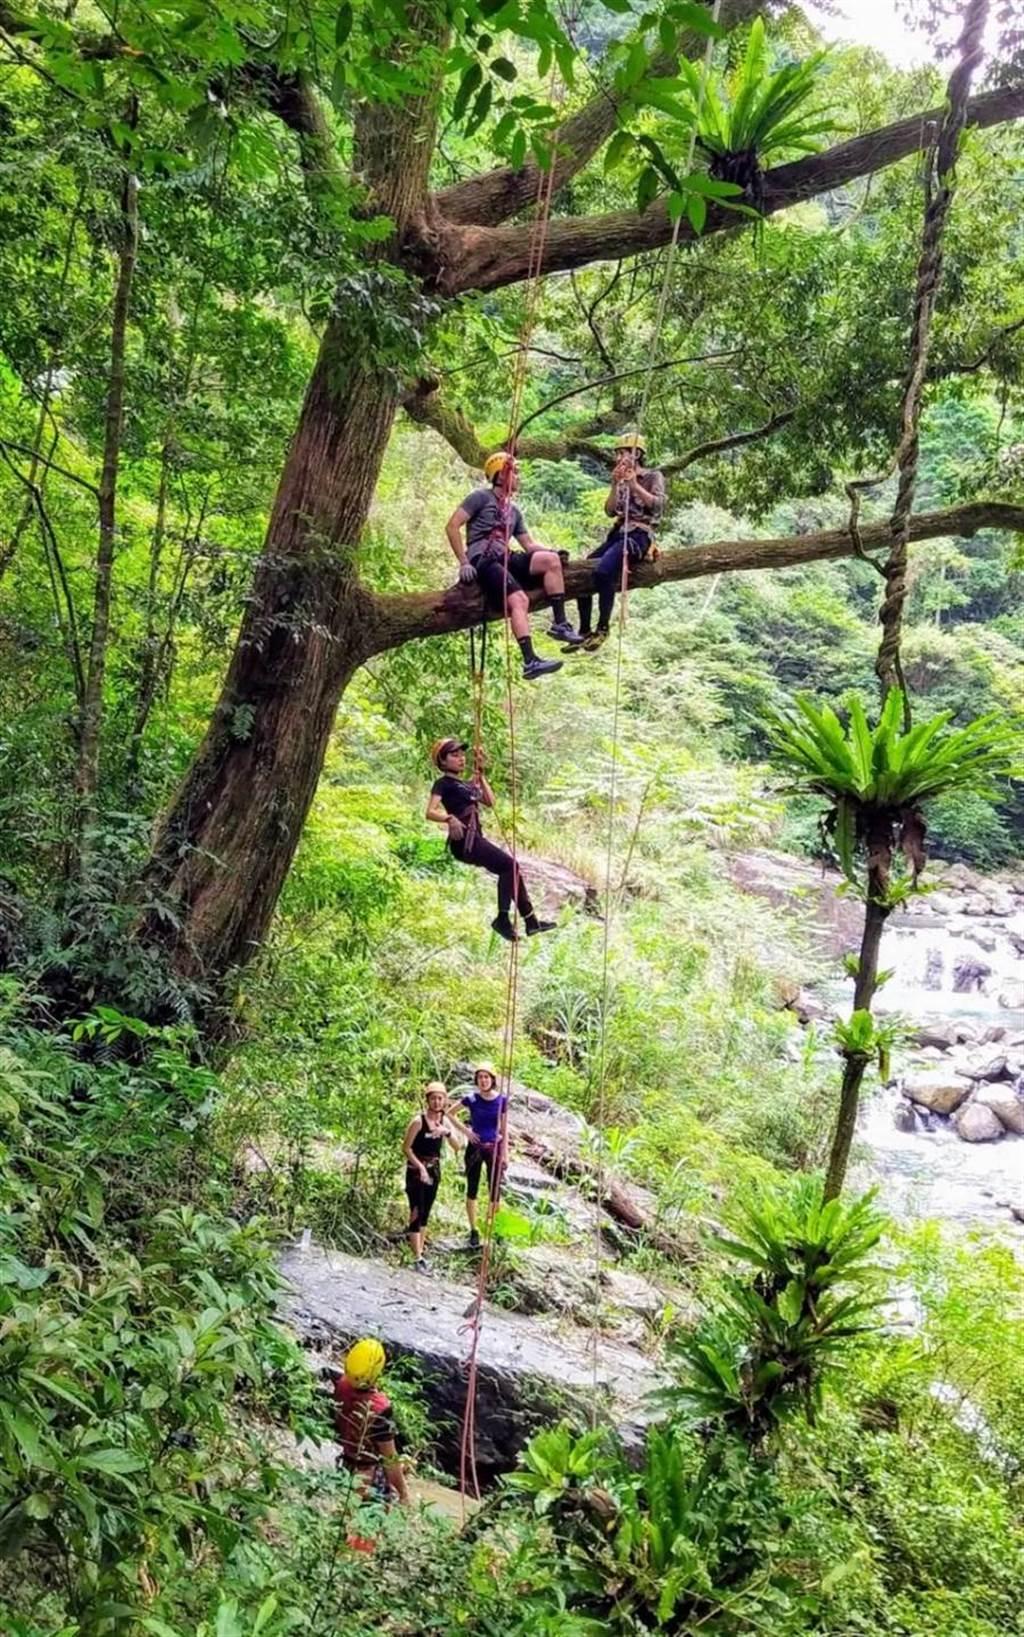 「動感山徑玩樂體驗組」包含攀樹、滑索、平衡走繩及溯溪等。(小鬍子冒險學校提供)